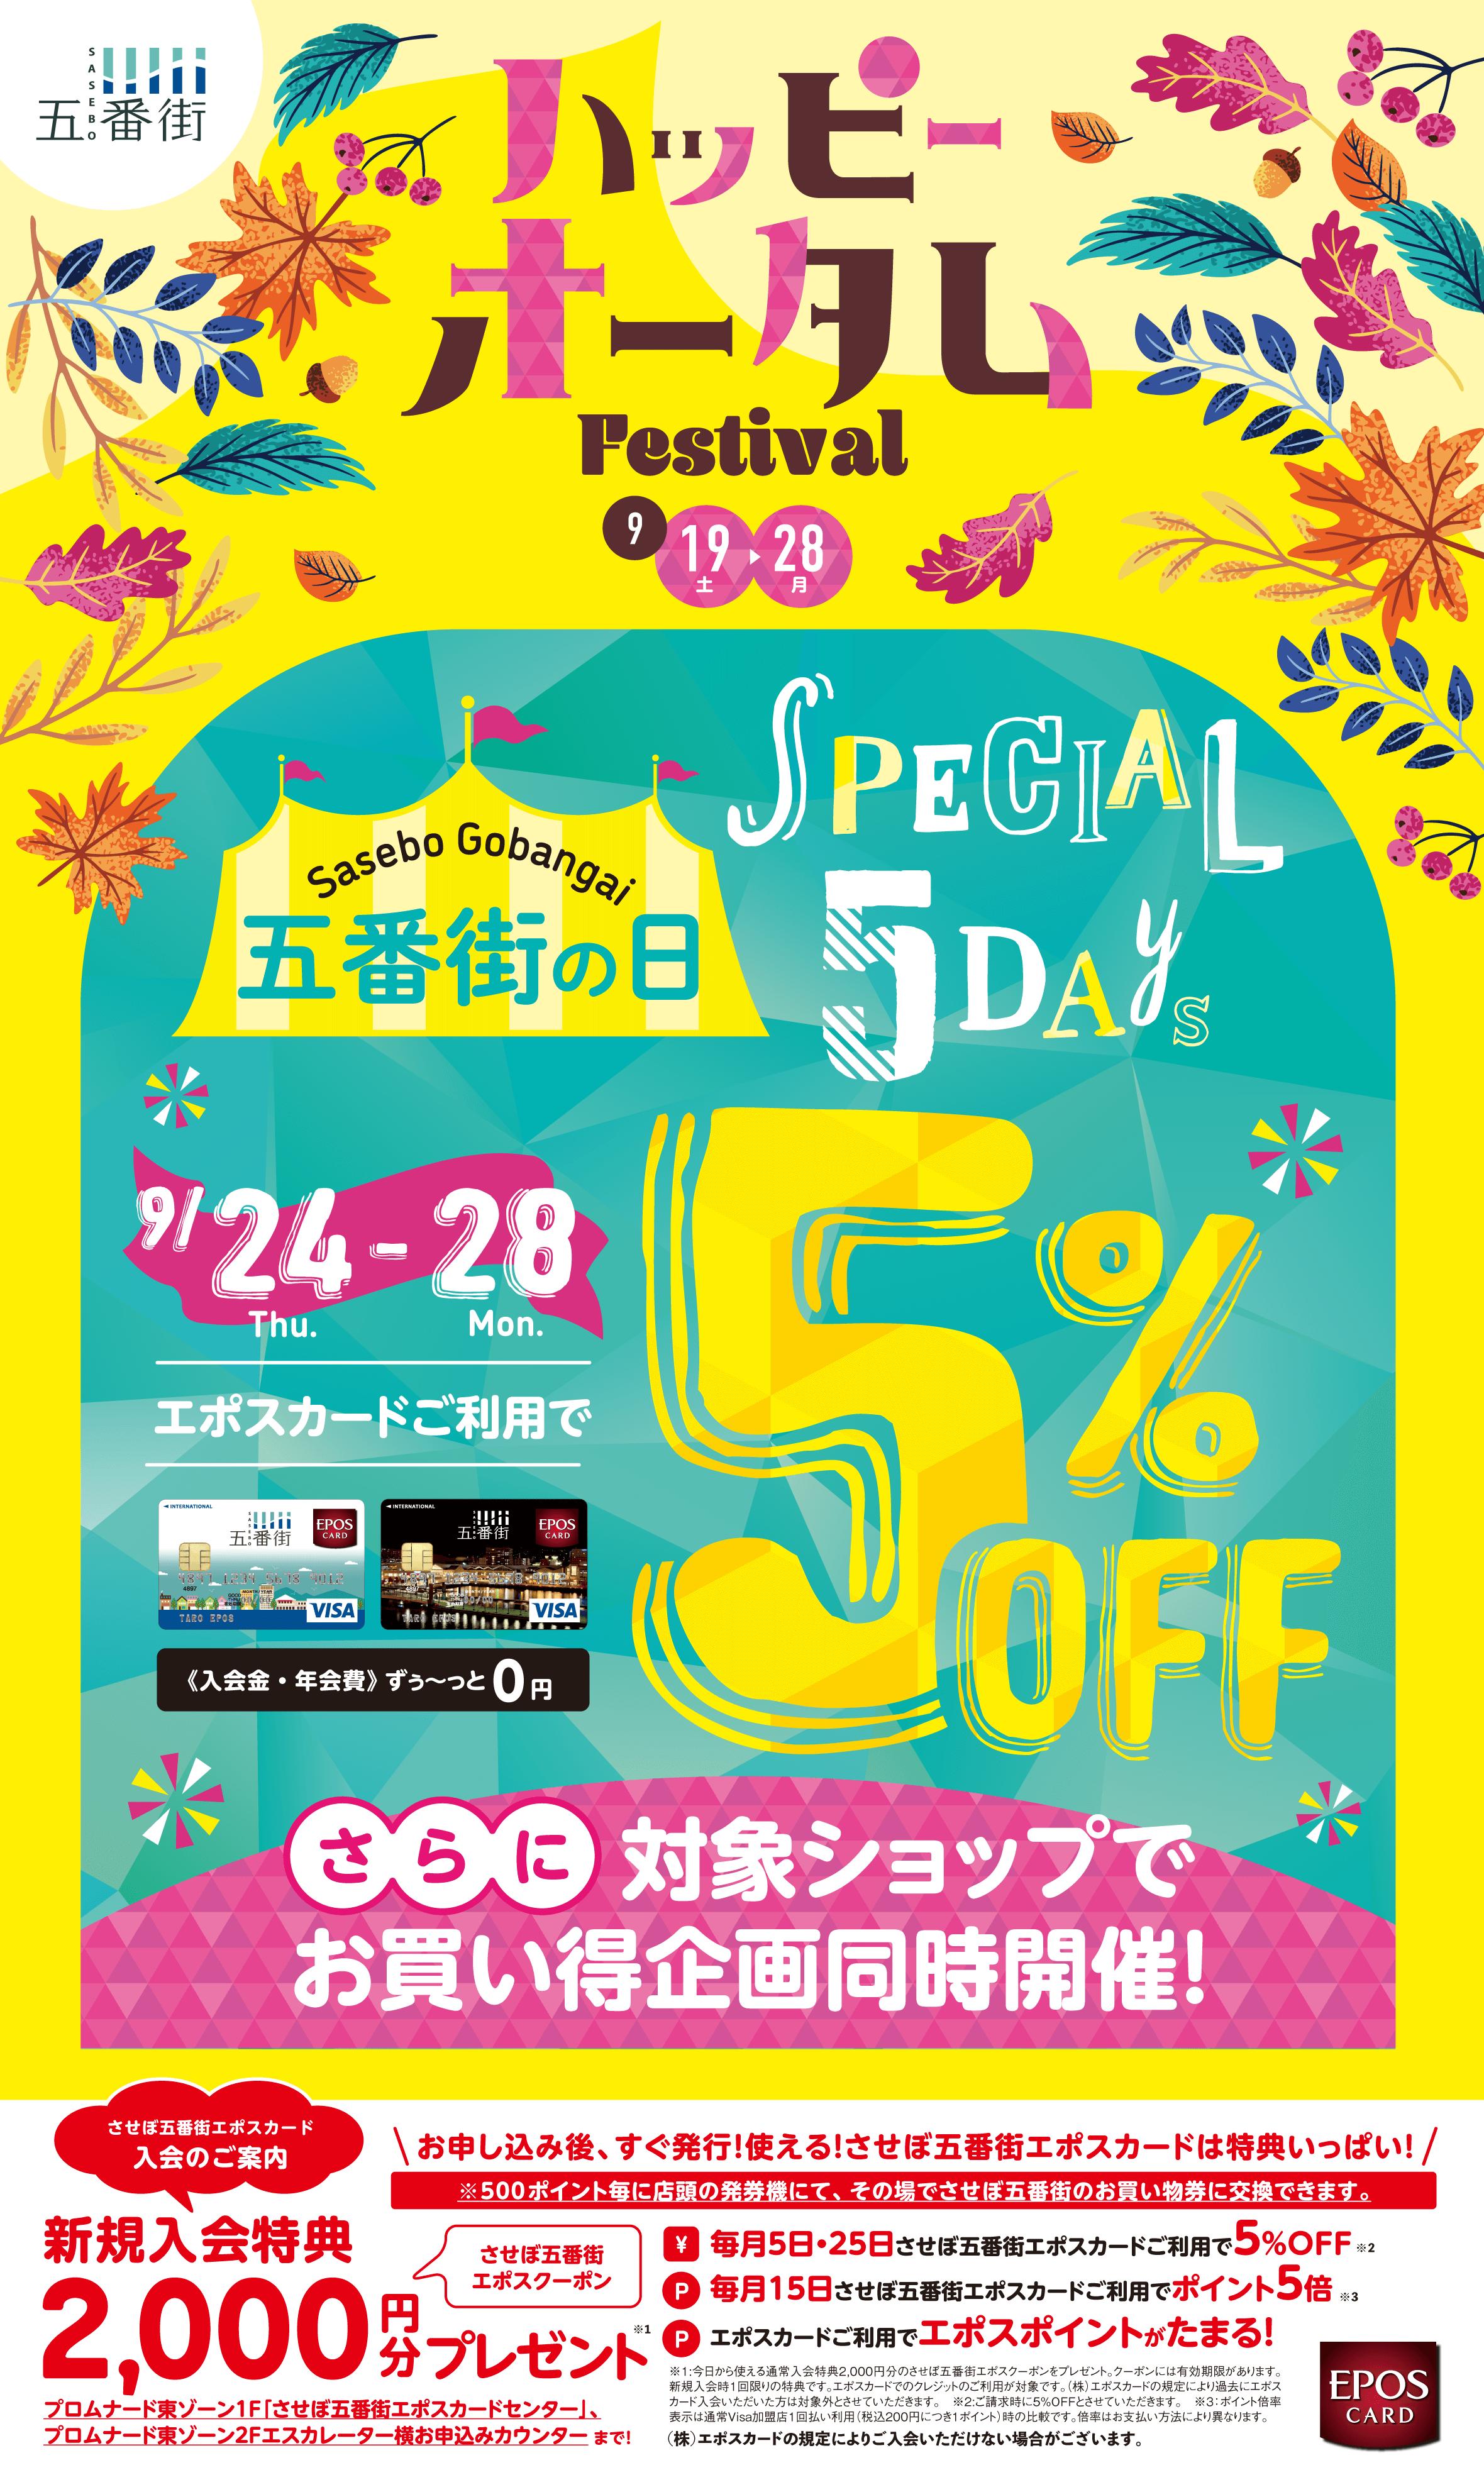 ハッピーオータム Festival 9/19(土)〜28(月) エポスカードご利用で SPECIAL 5Days 9/19(Sat)-23(Wed) エポスポイント10倍 SPECIAL 5Days 9/24(Thu)-28(Mon) 5%OFF